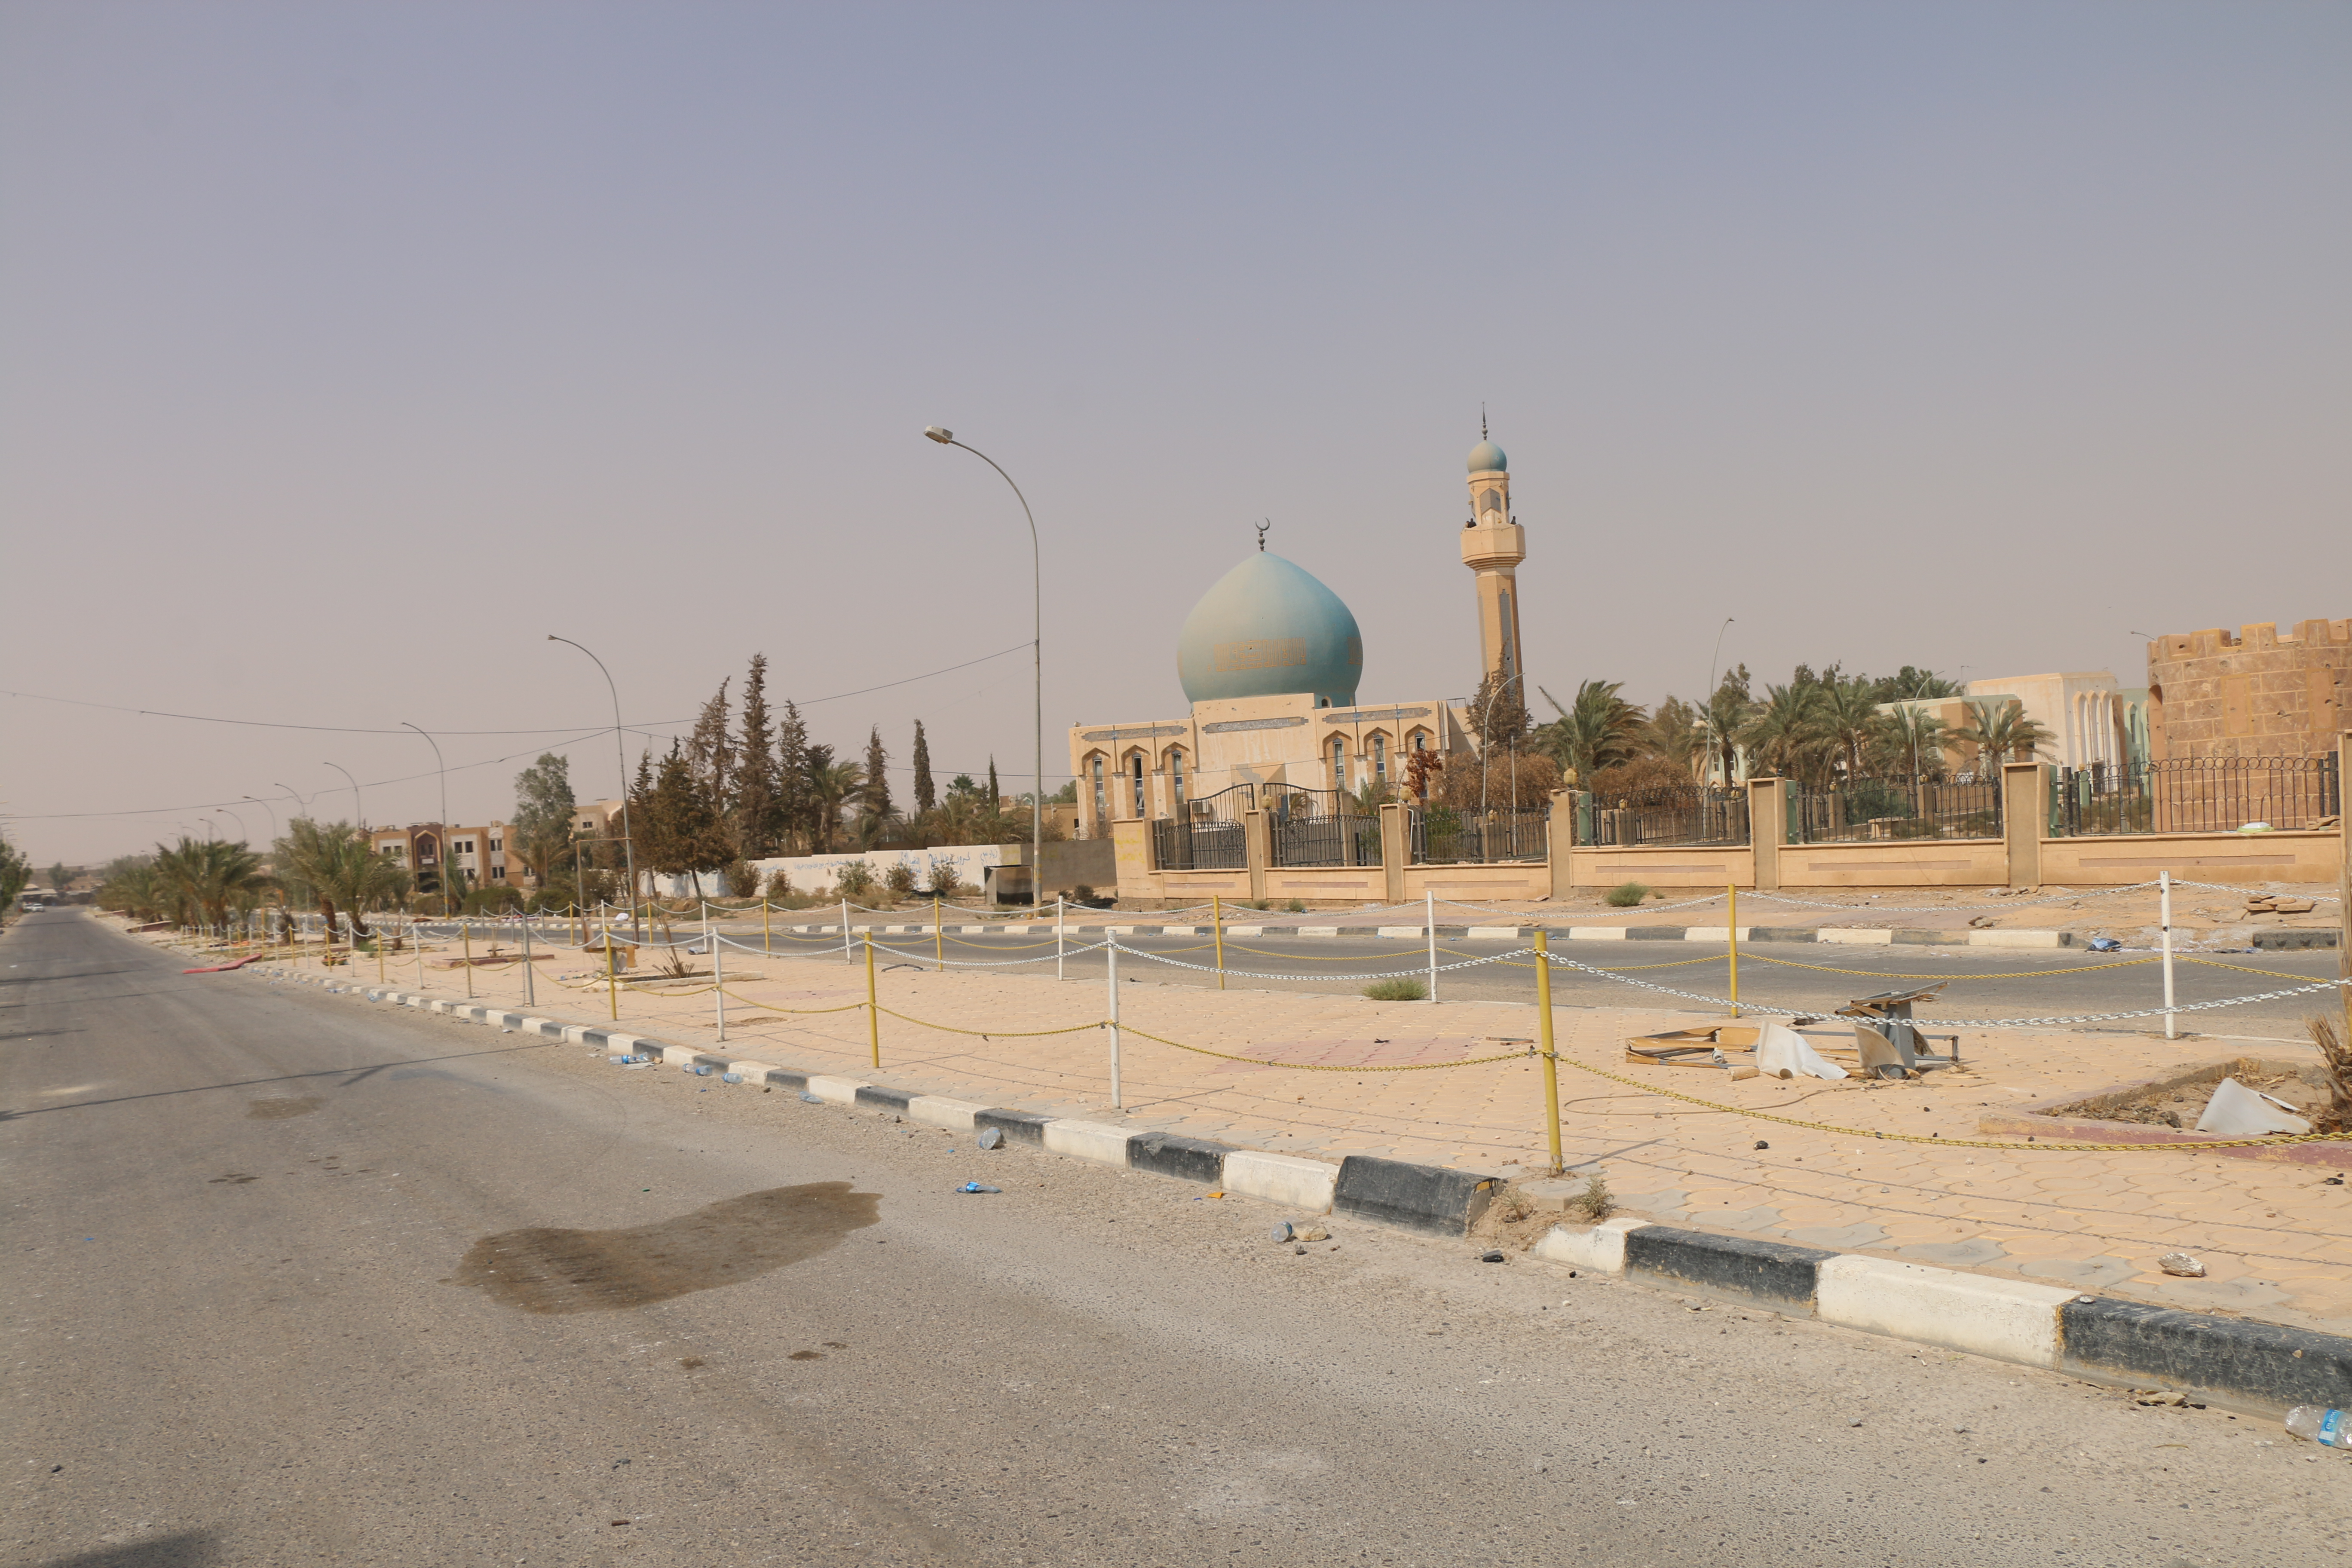 مسؤول محلي بالانبار يعلن بدء عودة النازحين لمدينة عنه غربي المحافظة